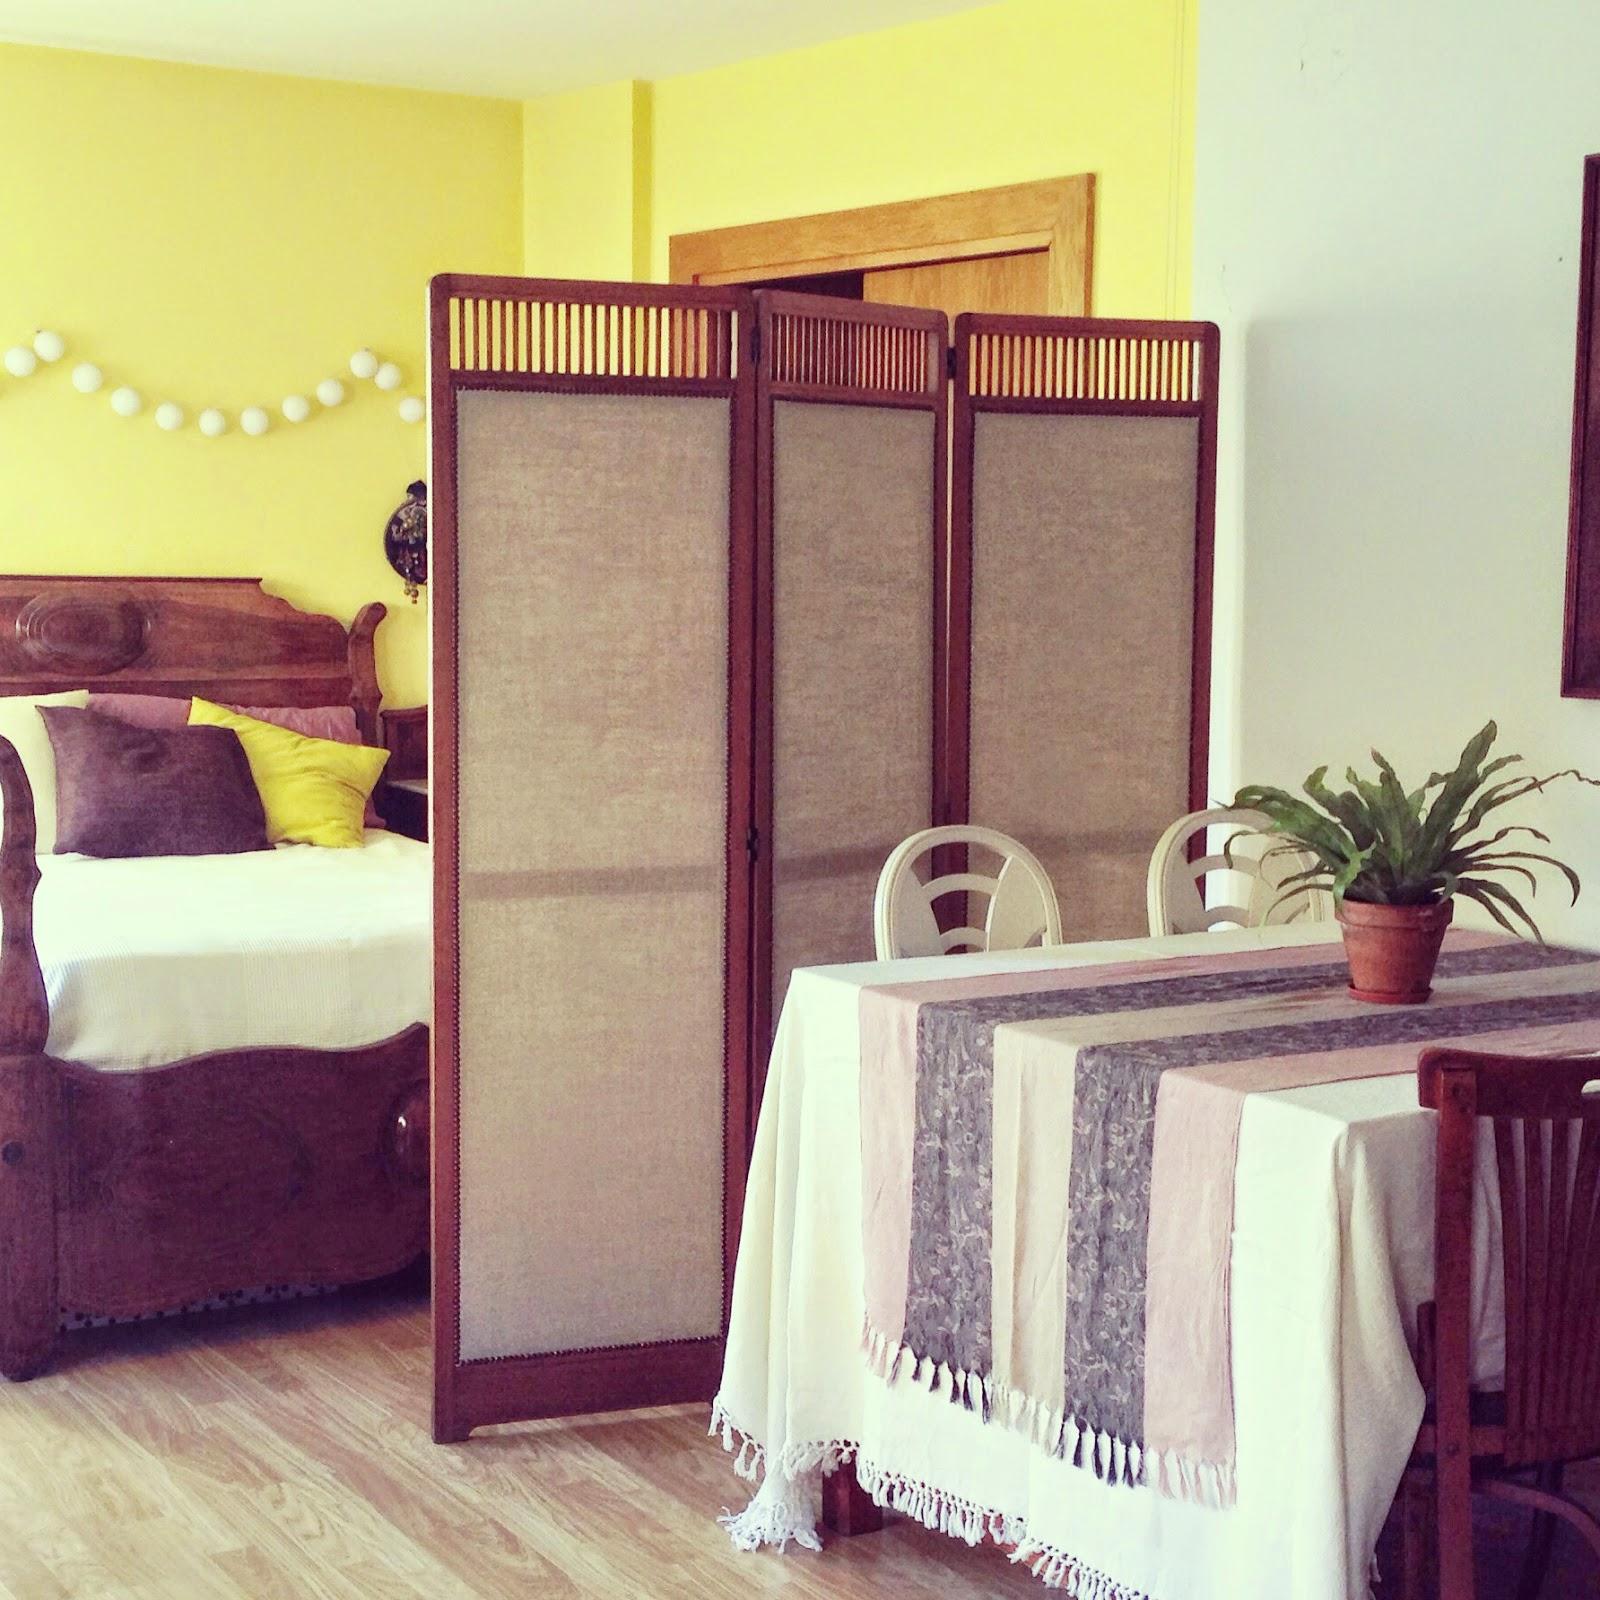 Biombos con encanto casa y mantel - Biombos casa home ...